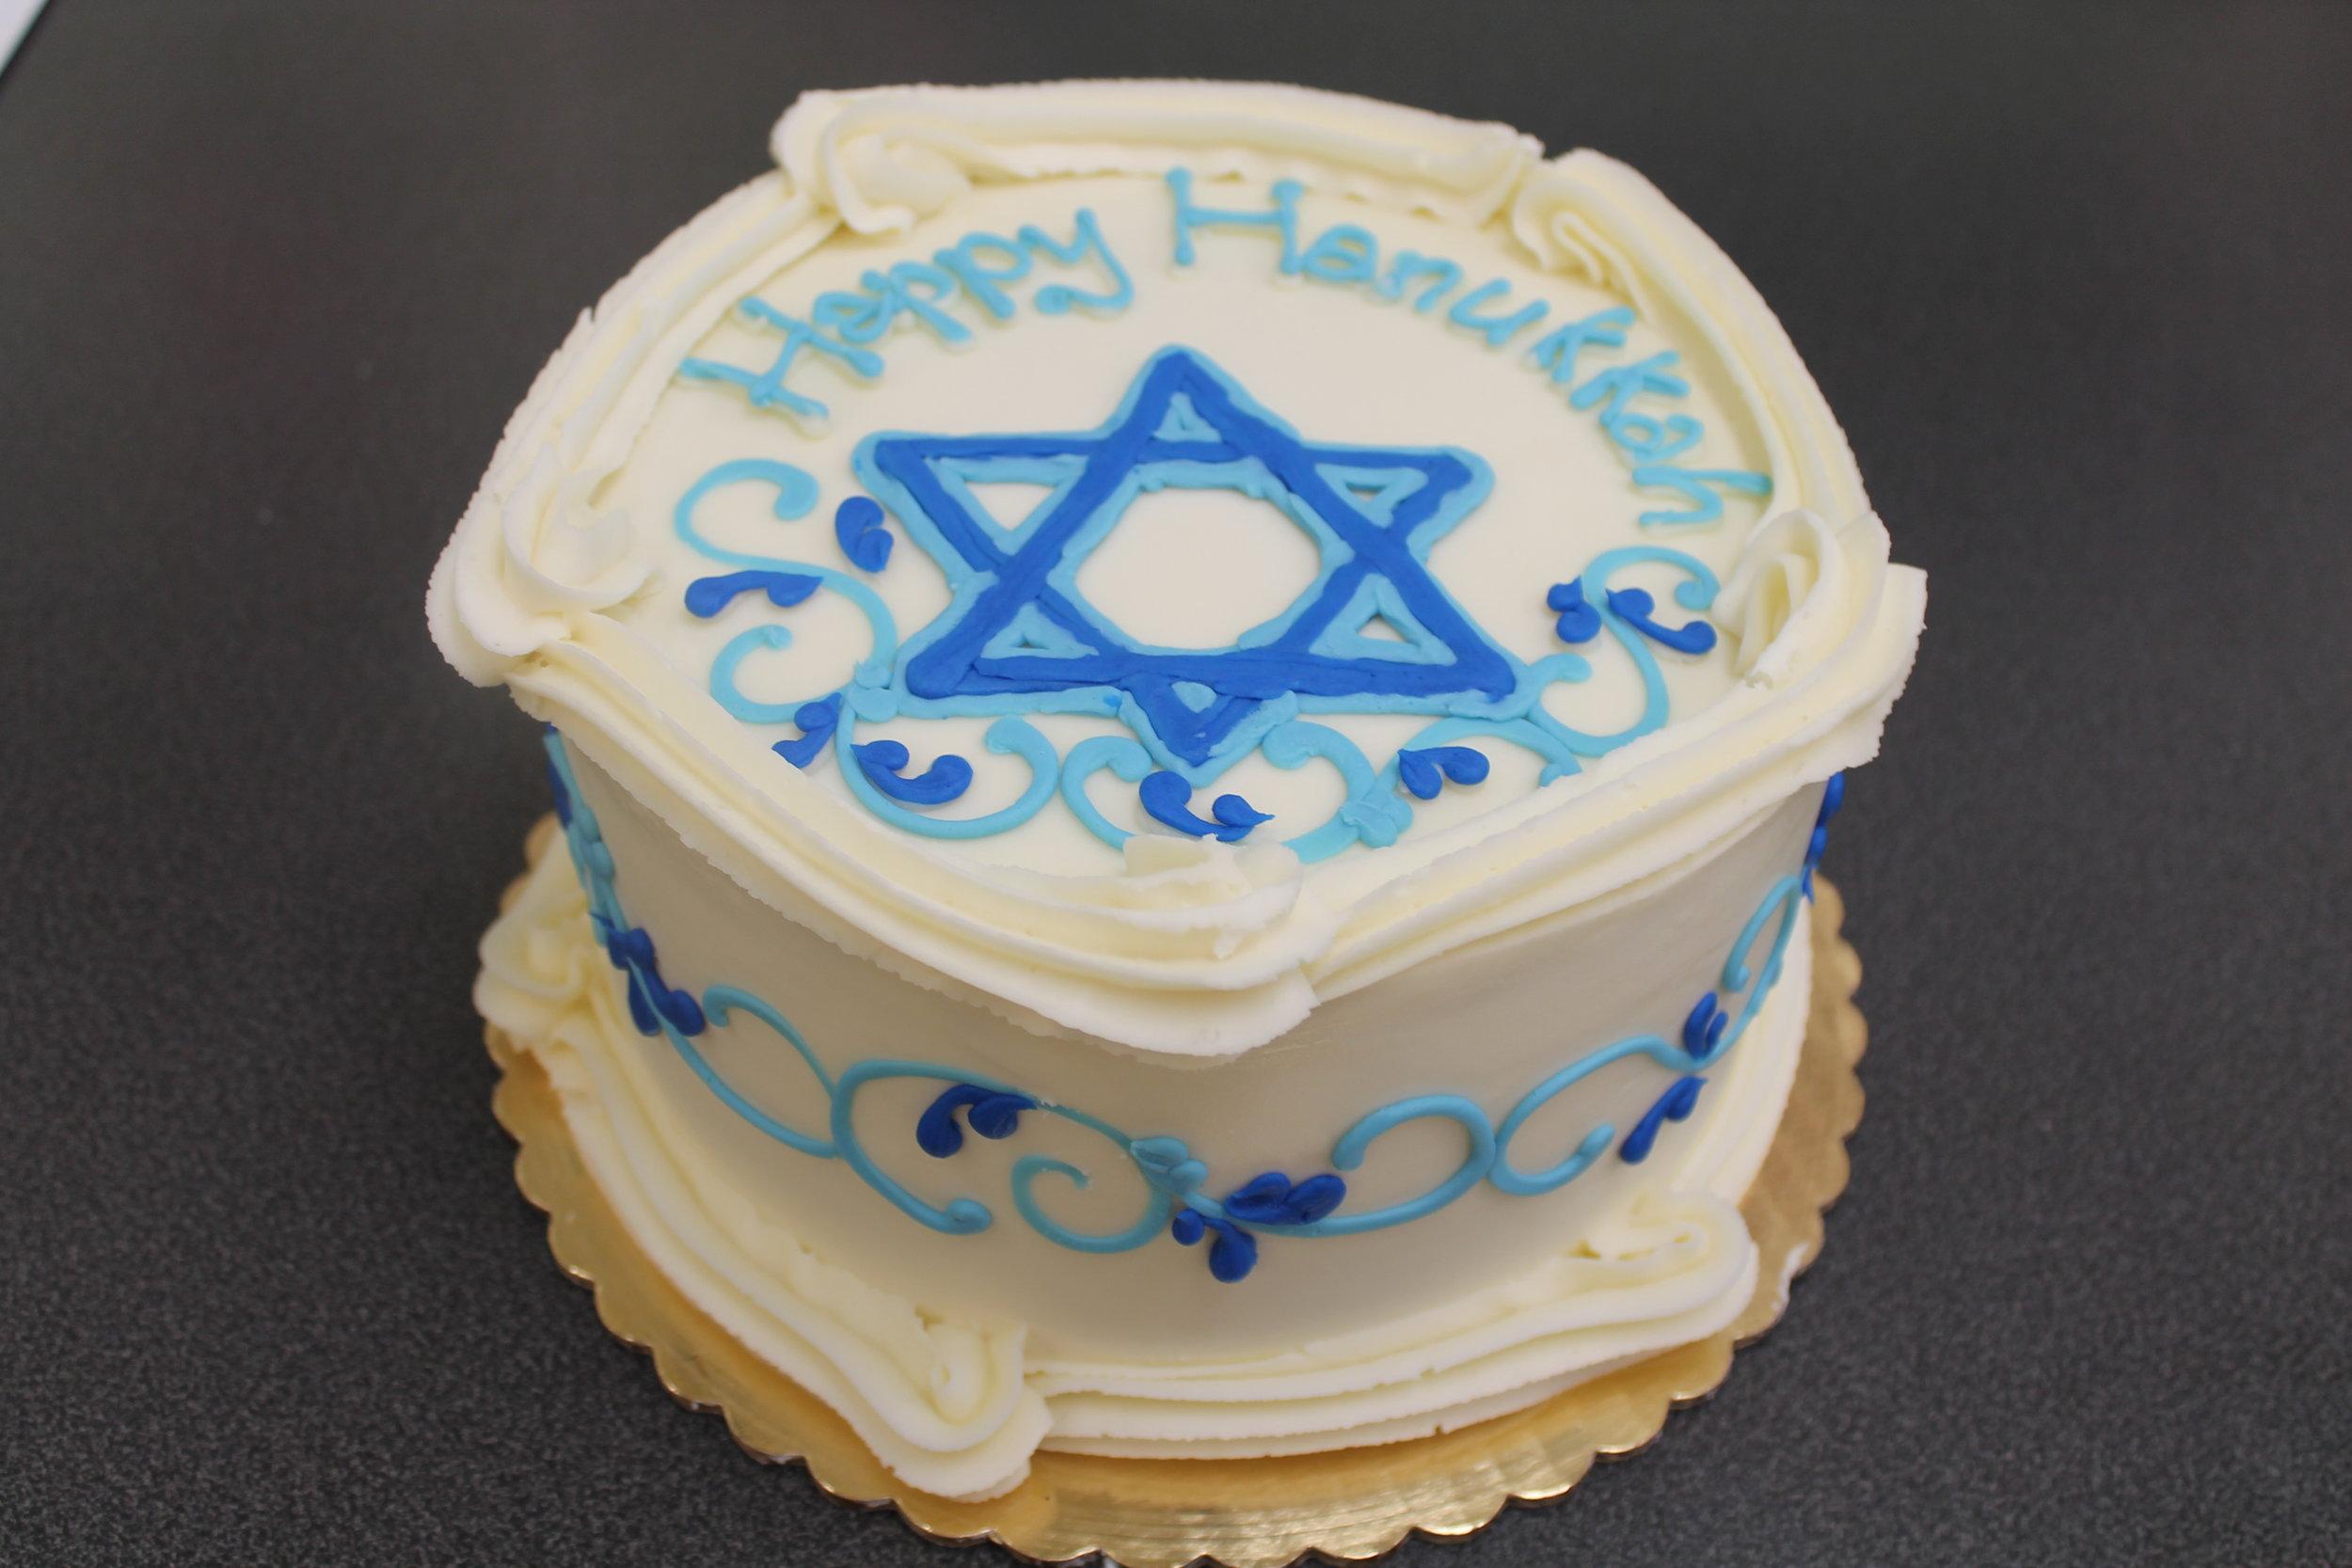 Holiday Celebration Cake